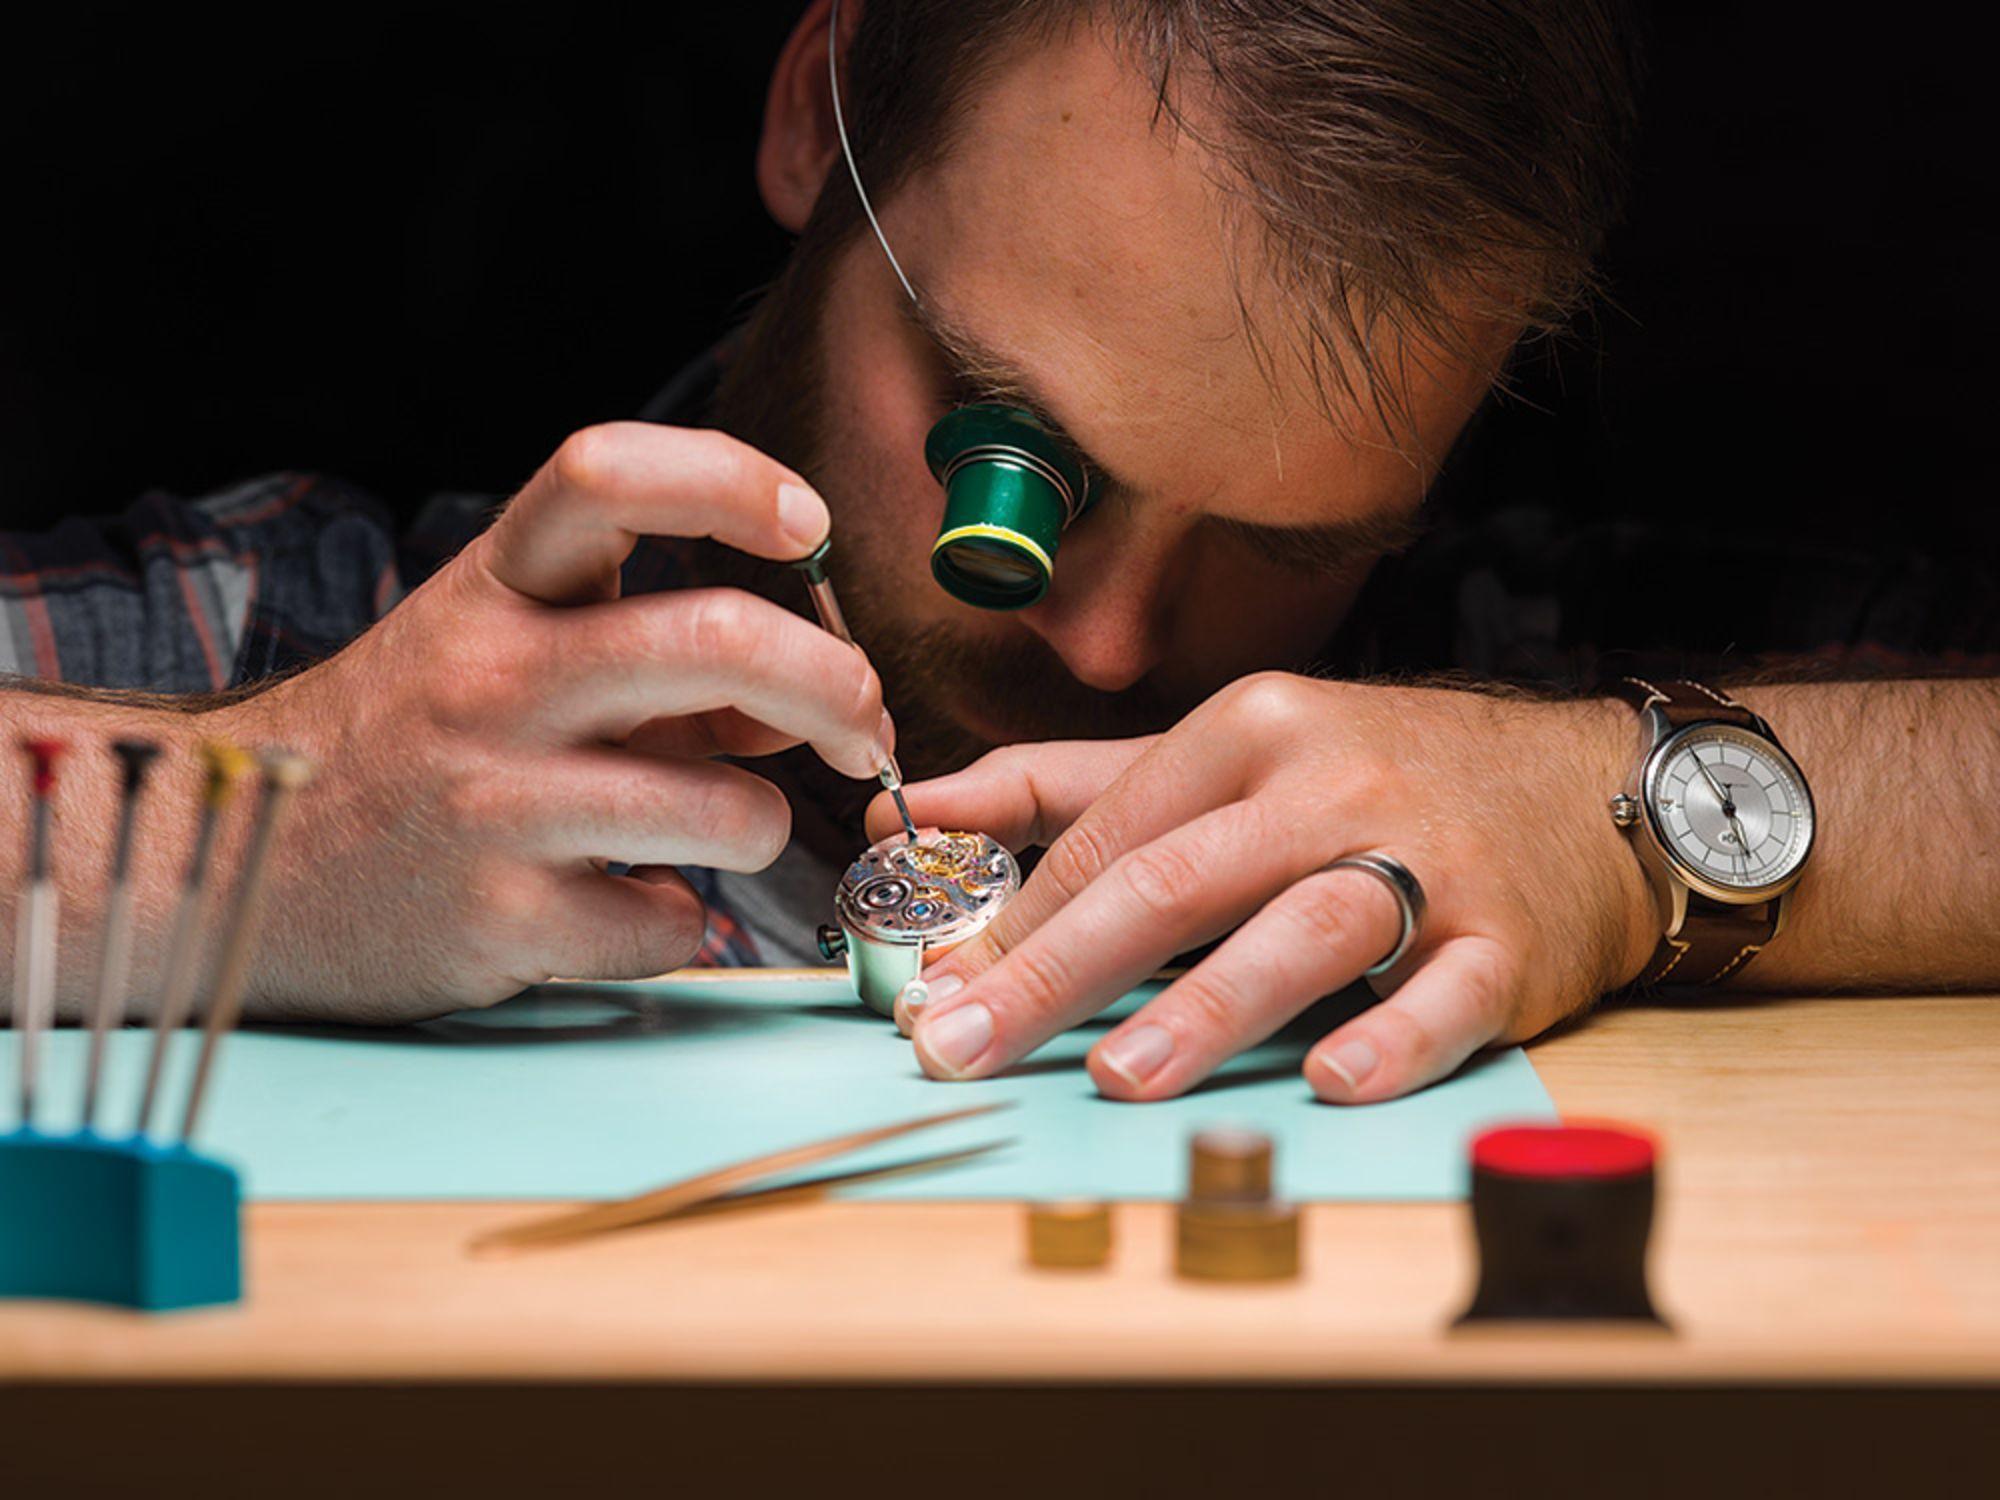 Cửa hiệu chế tạo đồng hồ cao cấp cuối cùng ở Mỹ: mỗi năm làm chưa đến 60 cái nhưng mỗi cái bán tới 2 tỉ đồng - Ảnh 6.